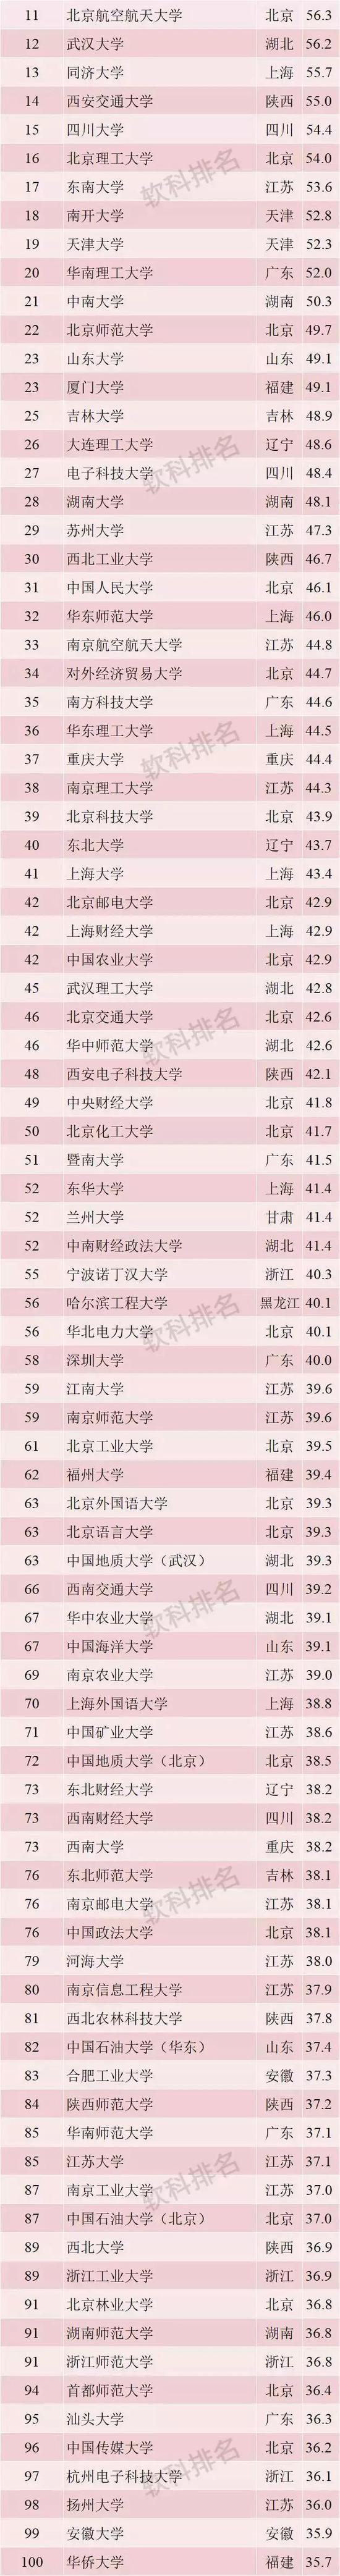 天津大学排名_天津城建大学排名